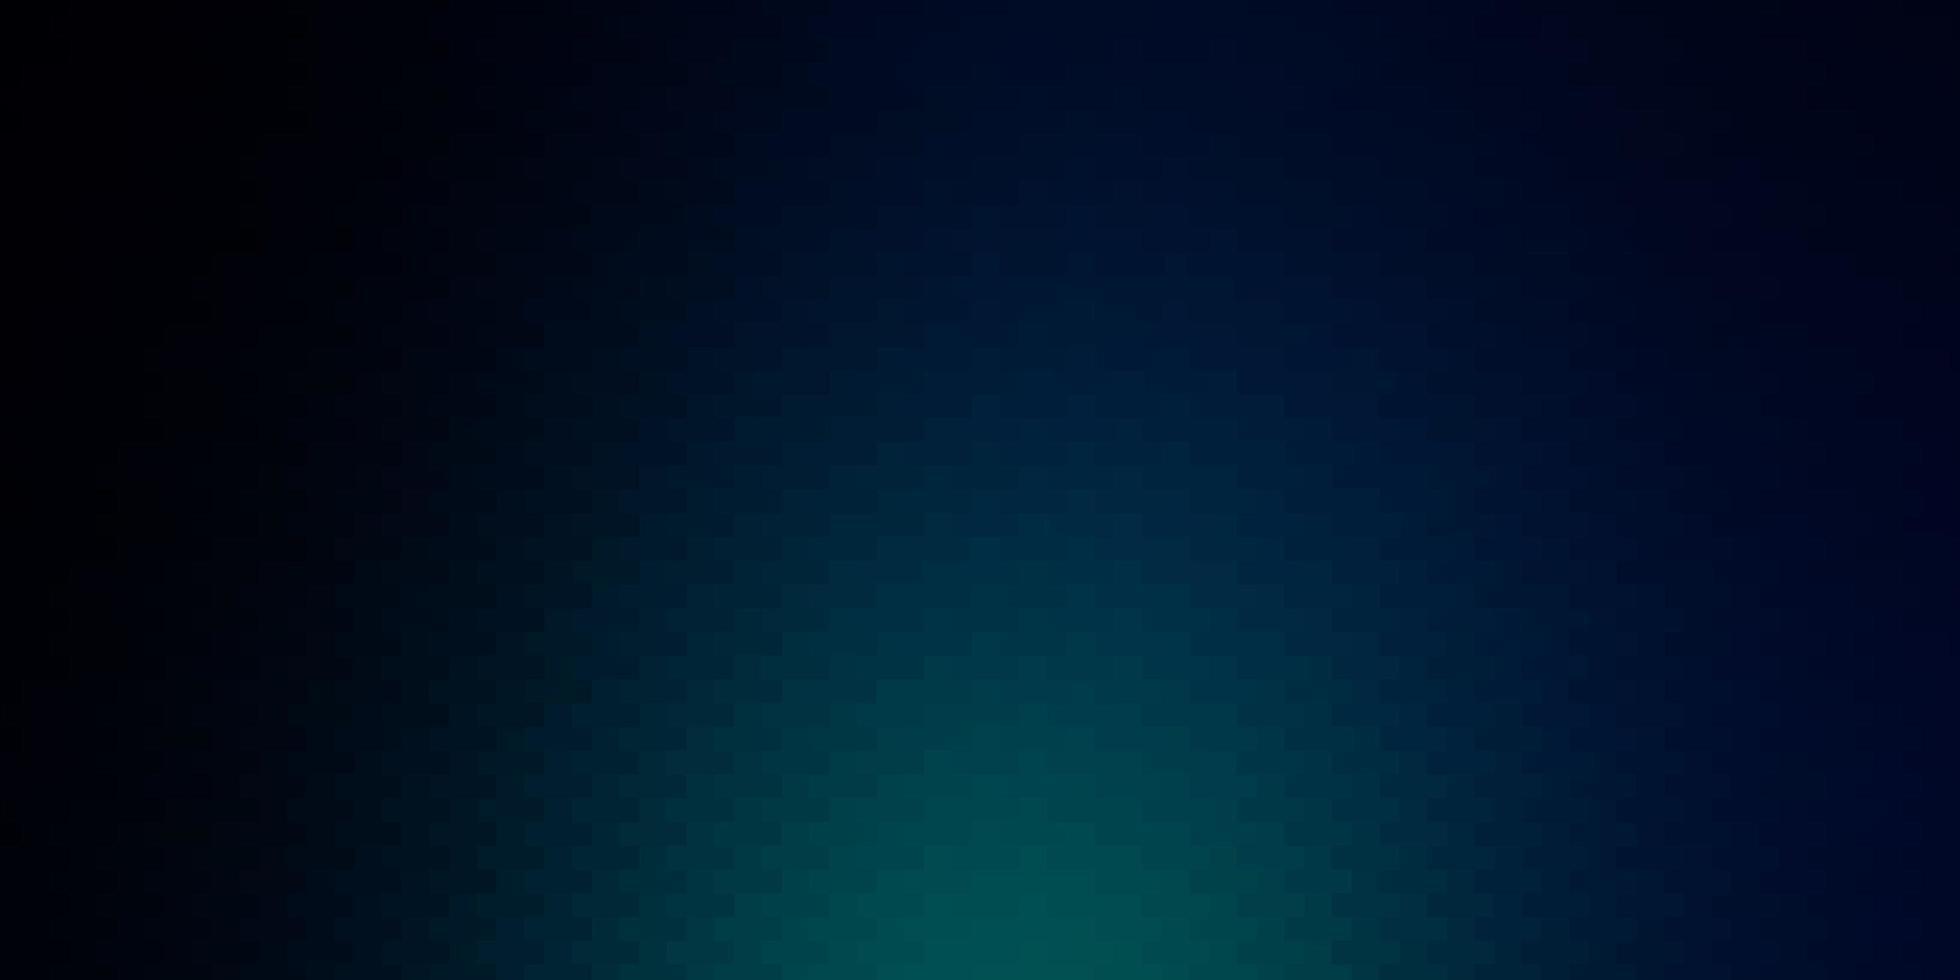 toile de fond de vecteur bleu foncé avec des rectangles